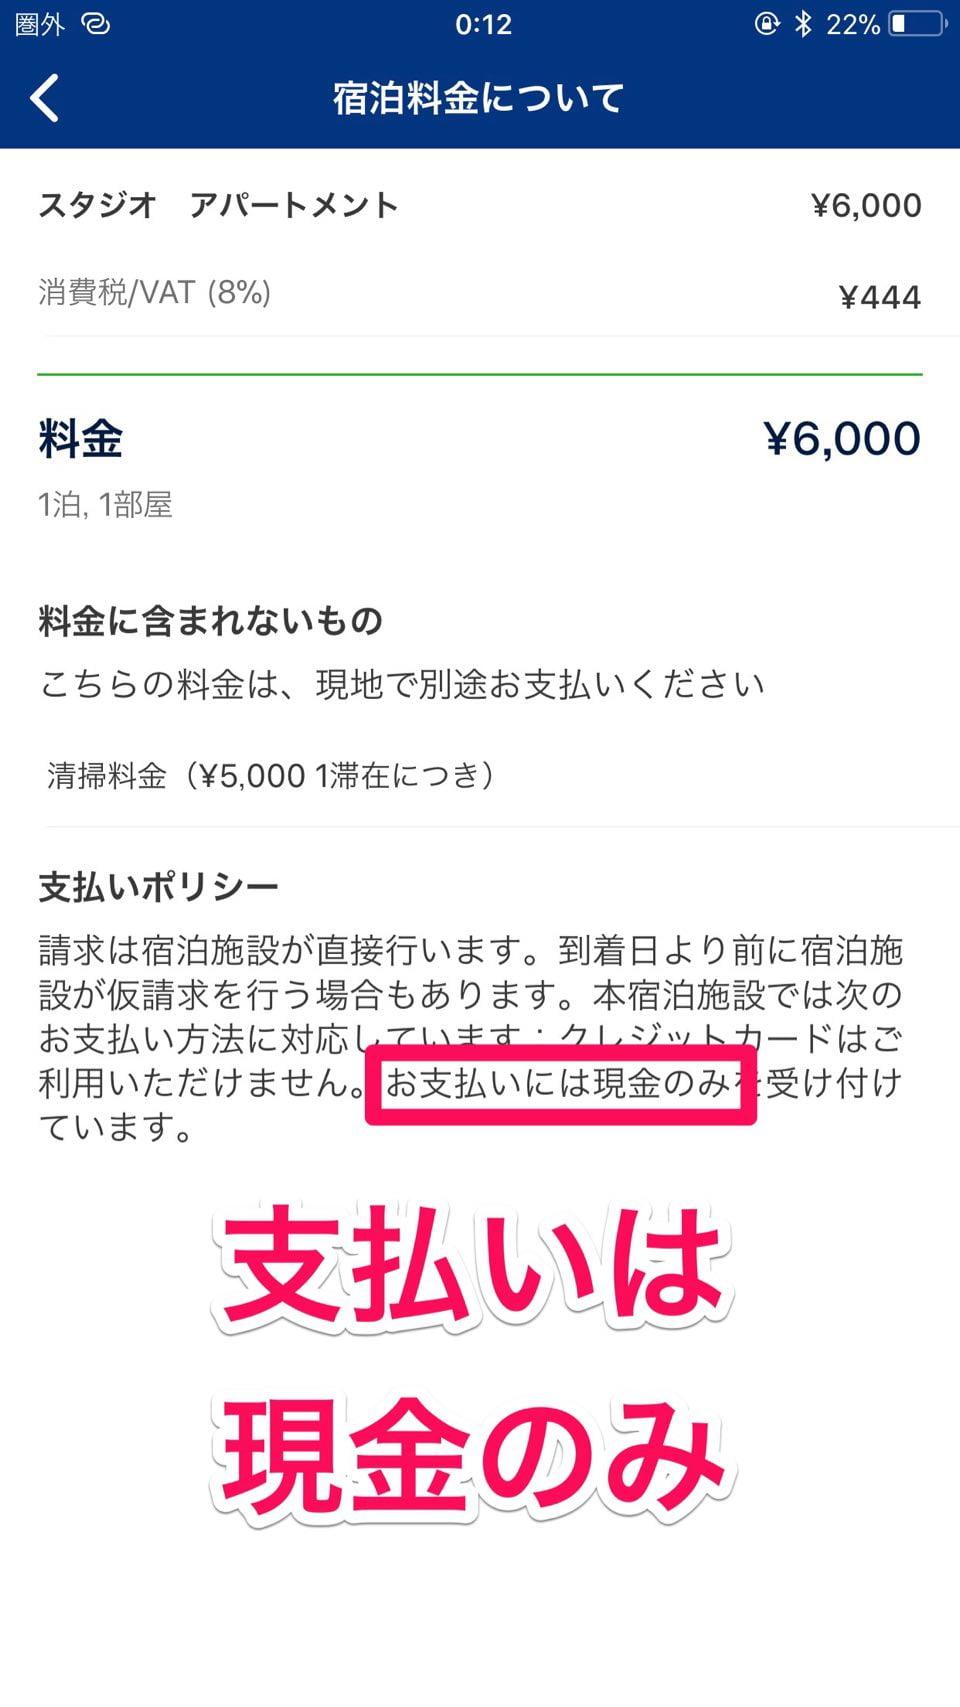 ブッキングドットコム(Booking.com)の支払い